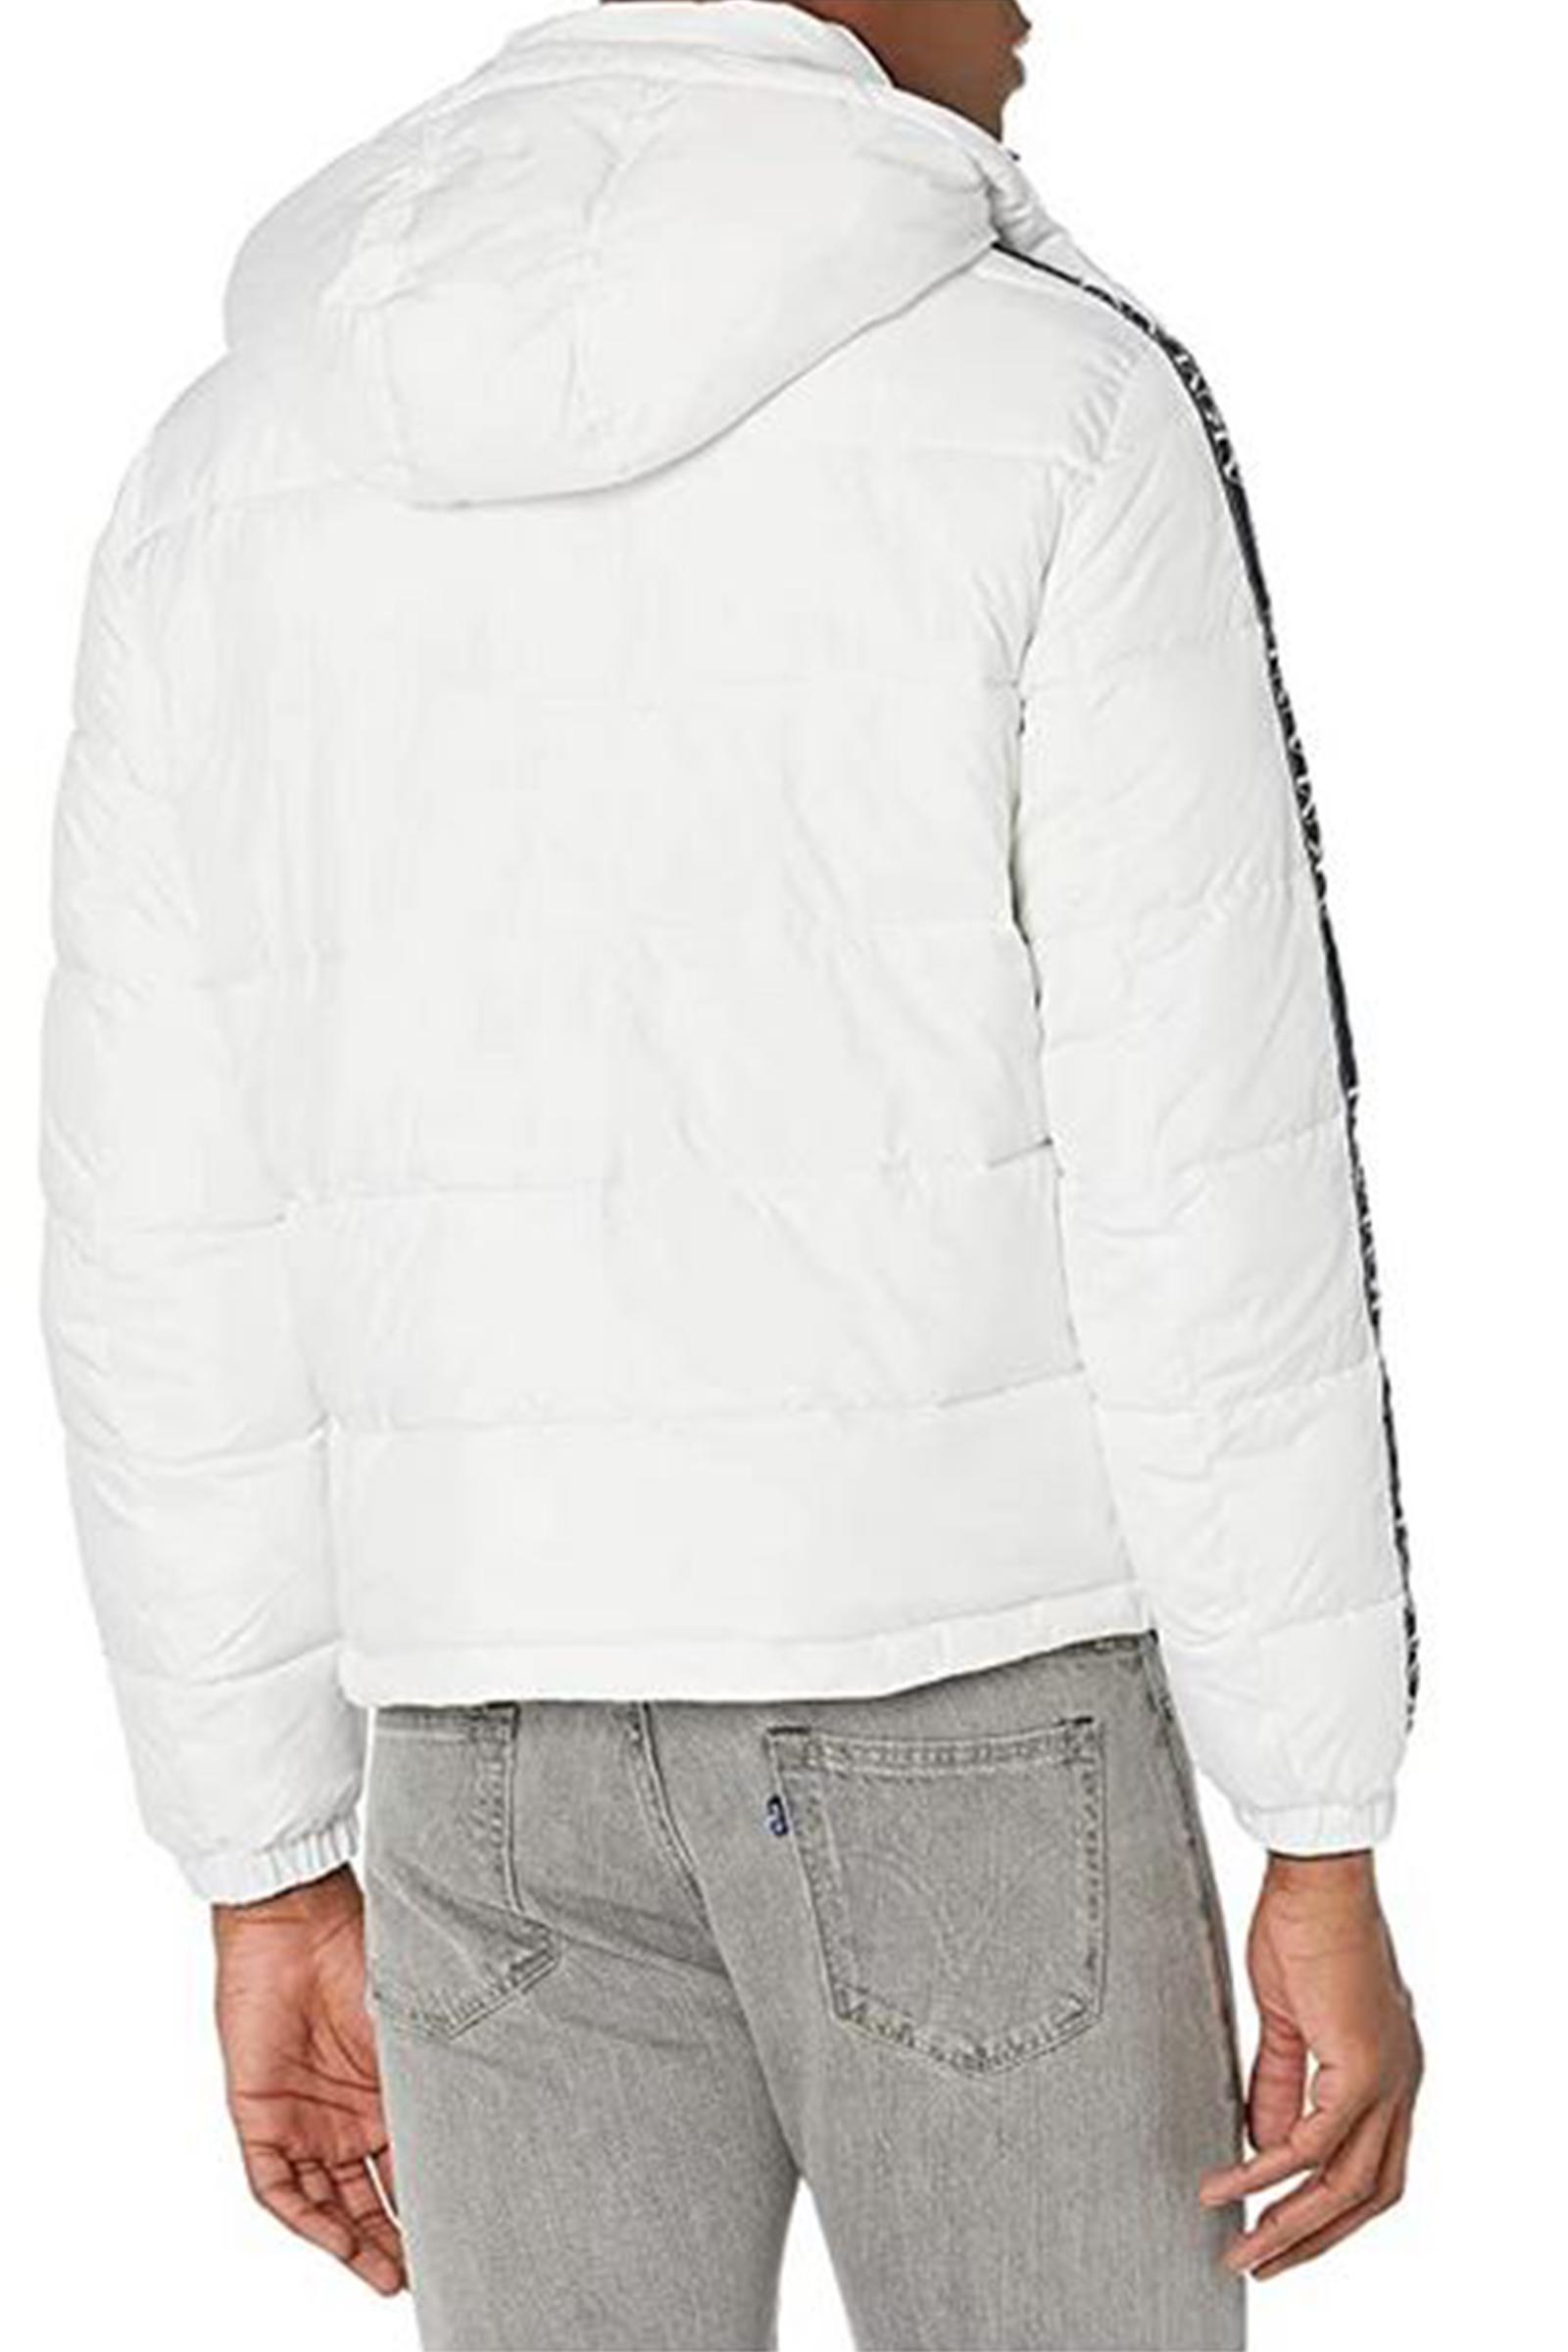 ARMANI EXCHANGE Men's jacket ARMANI EXCHANGE | Jacket | 6HZB07 ZNKRZ1100